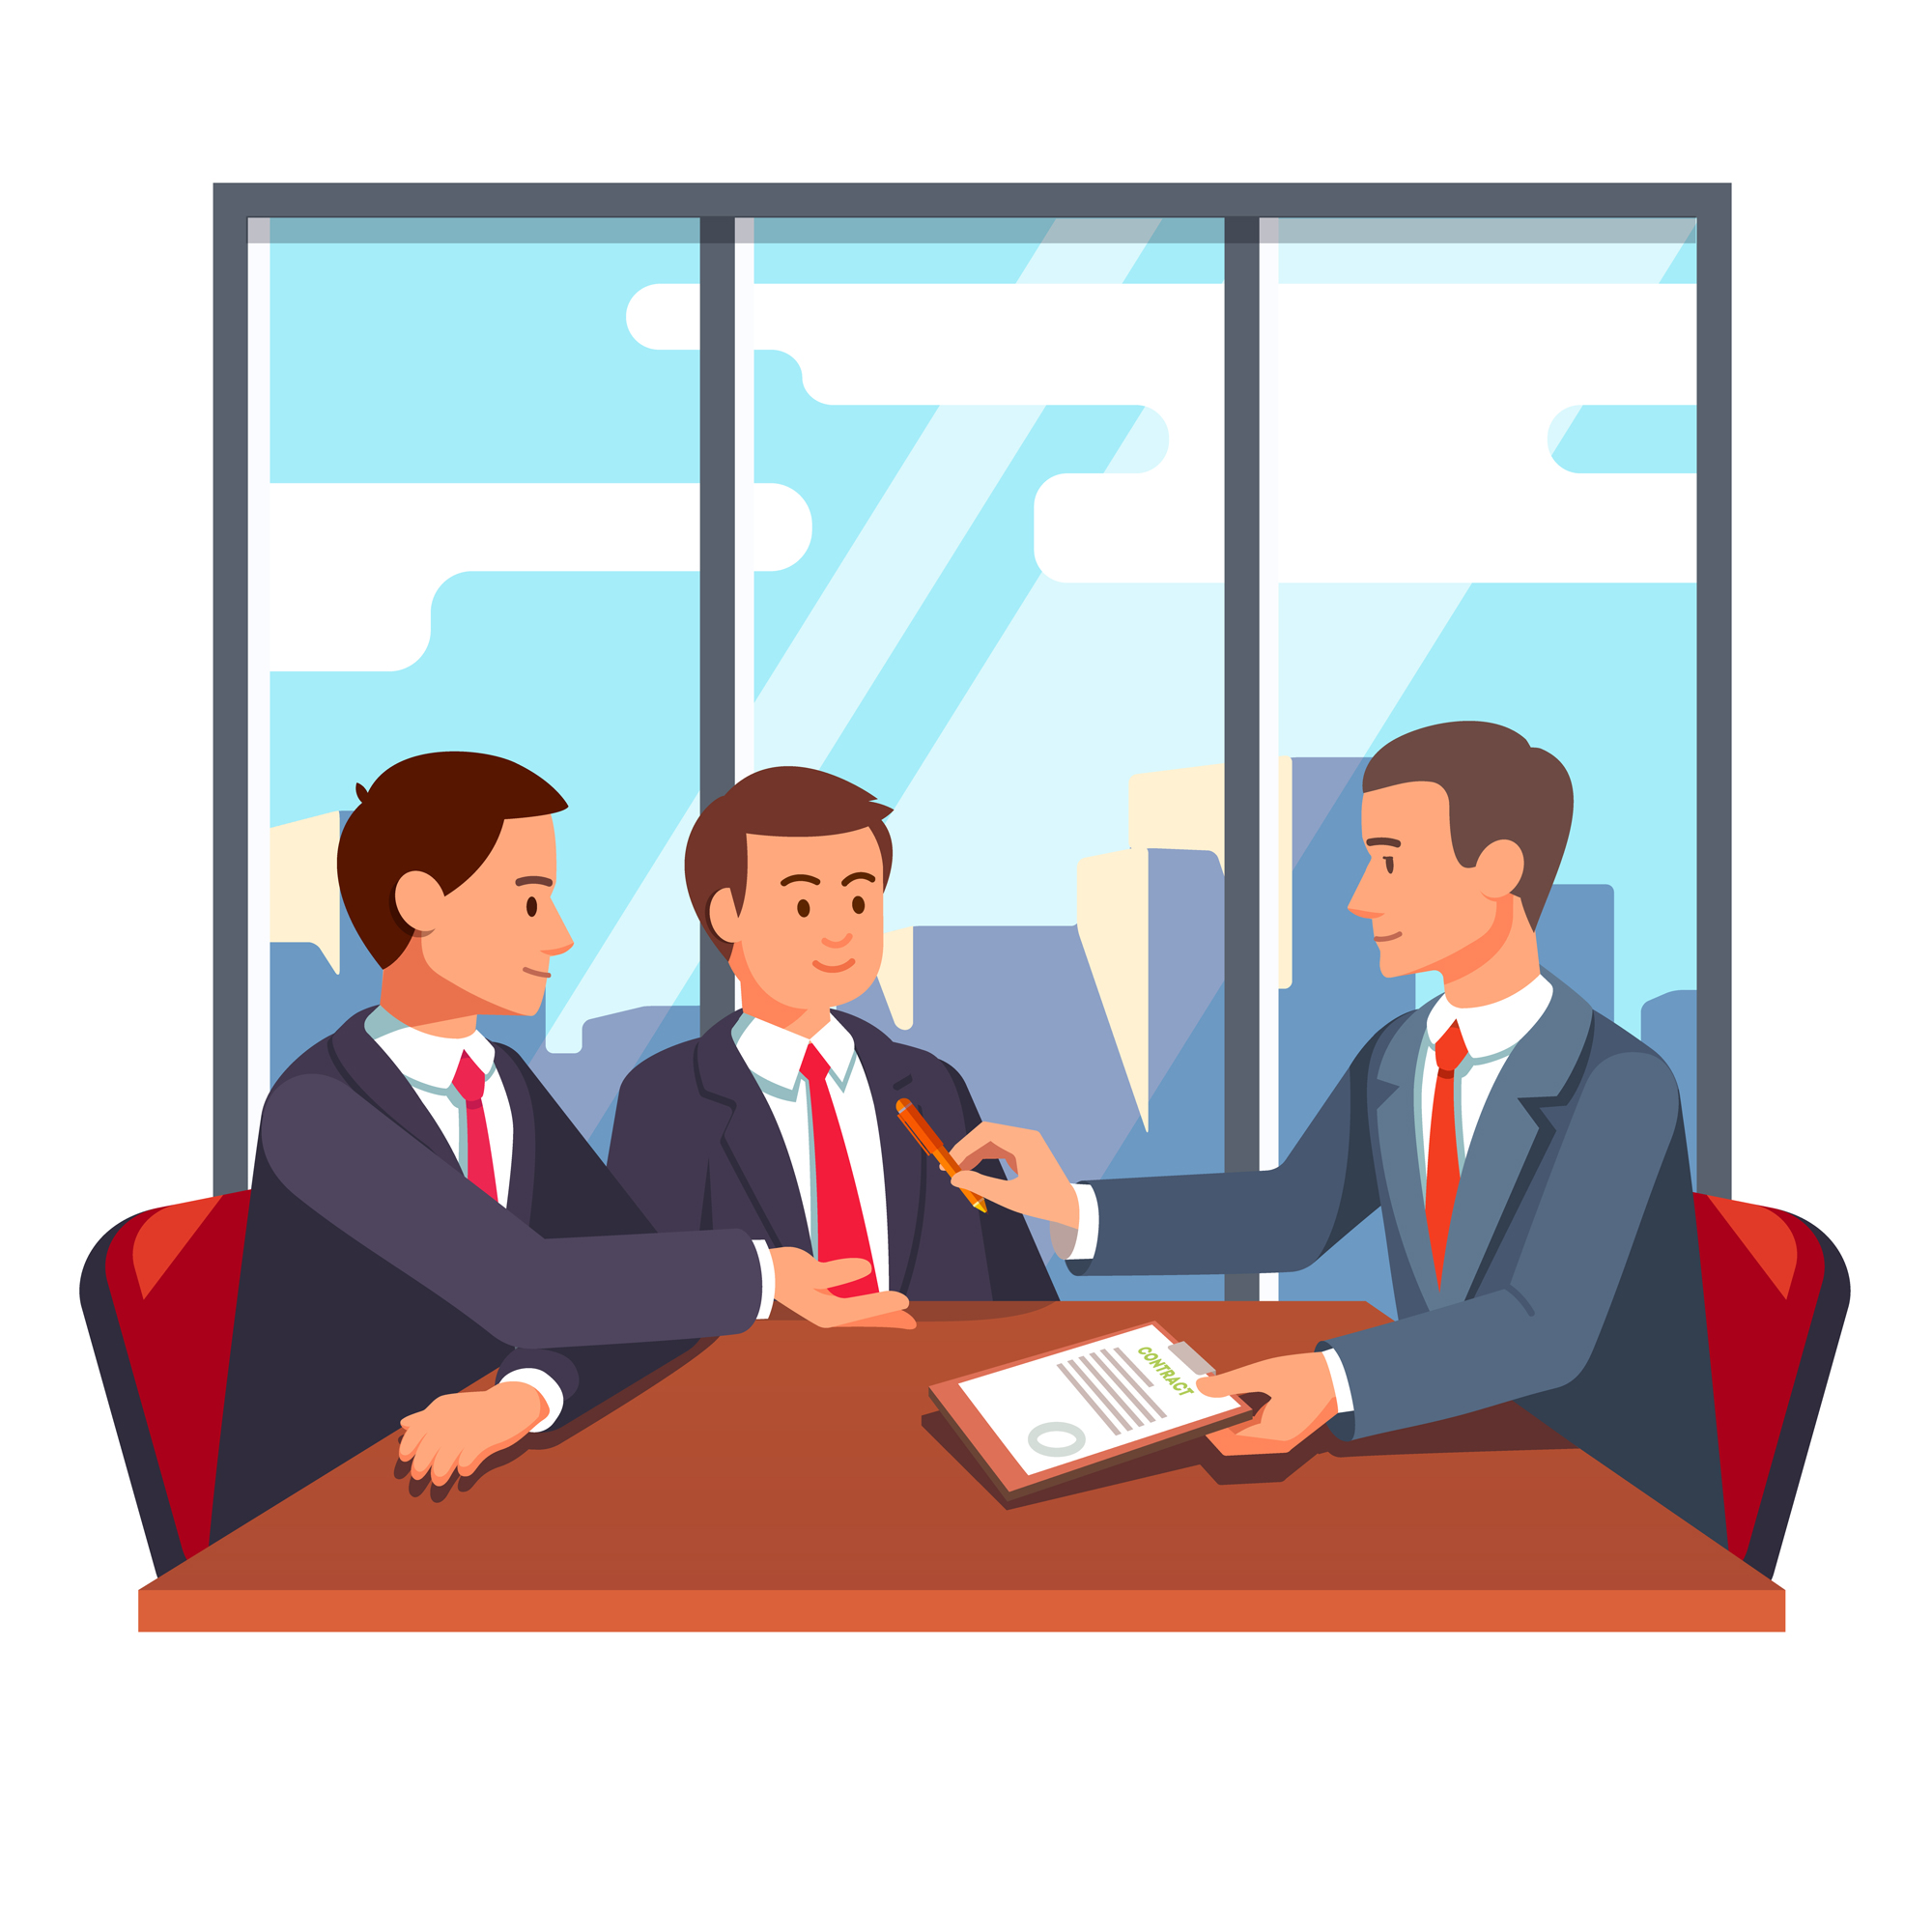 Você sabia que a metodologia de negociação Harvard pode ser fundamental na intermediação de uma negociação jurídica?